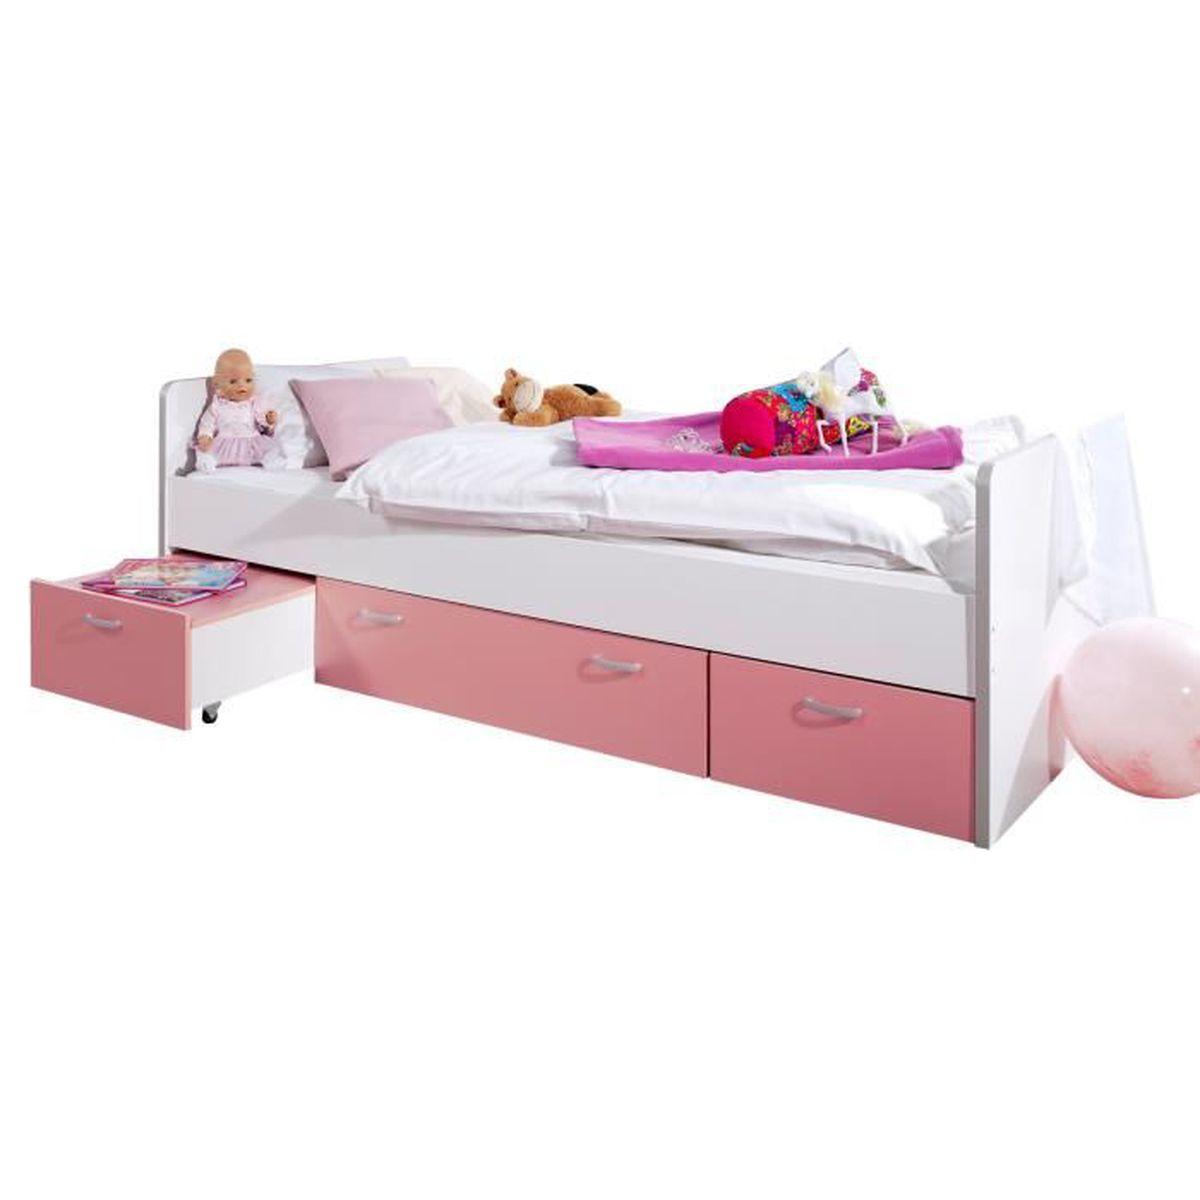 Lit combin 90x200 cm avec 2 tiroirs et une table chevet coloris blanc et rose rose achat for Lit et table de chevet